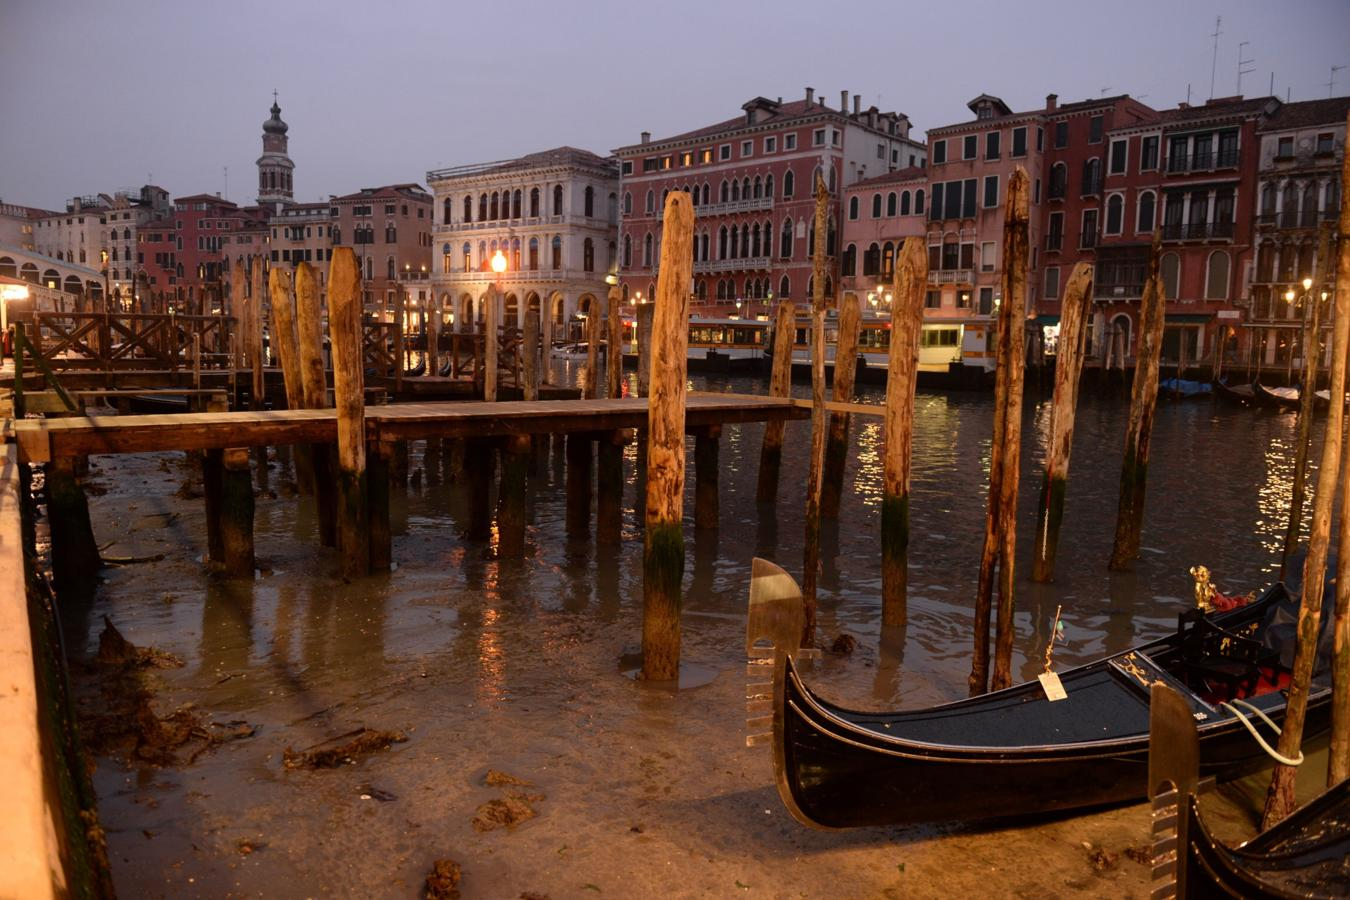 Los principales canales de Venecia se encuentran casi sin agua, dificultando la navegación.